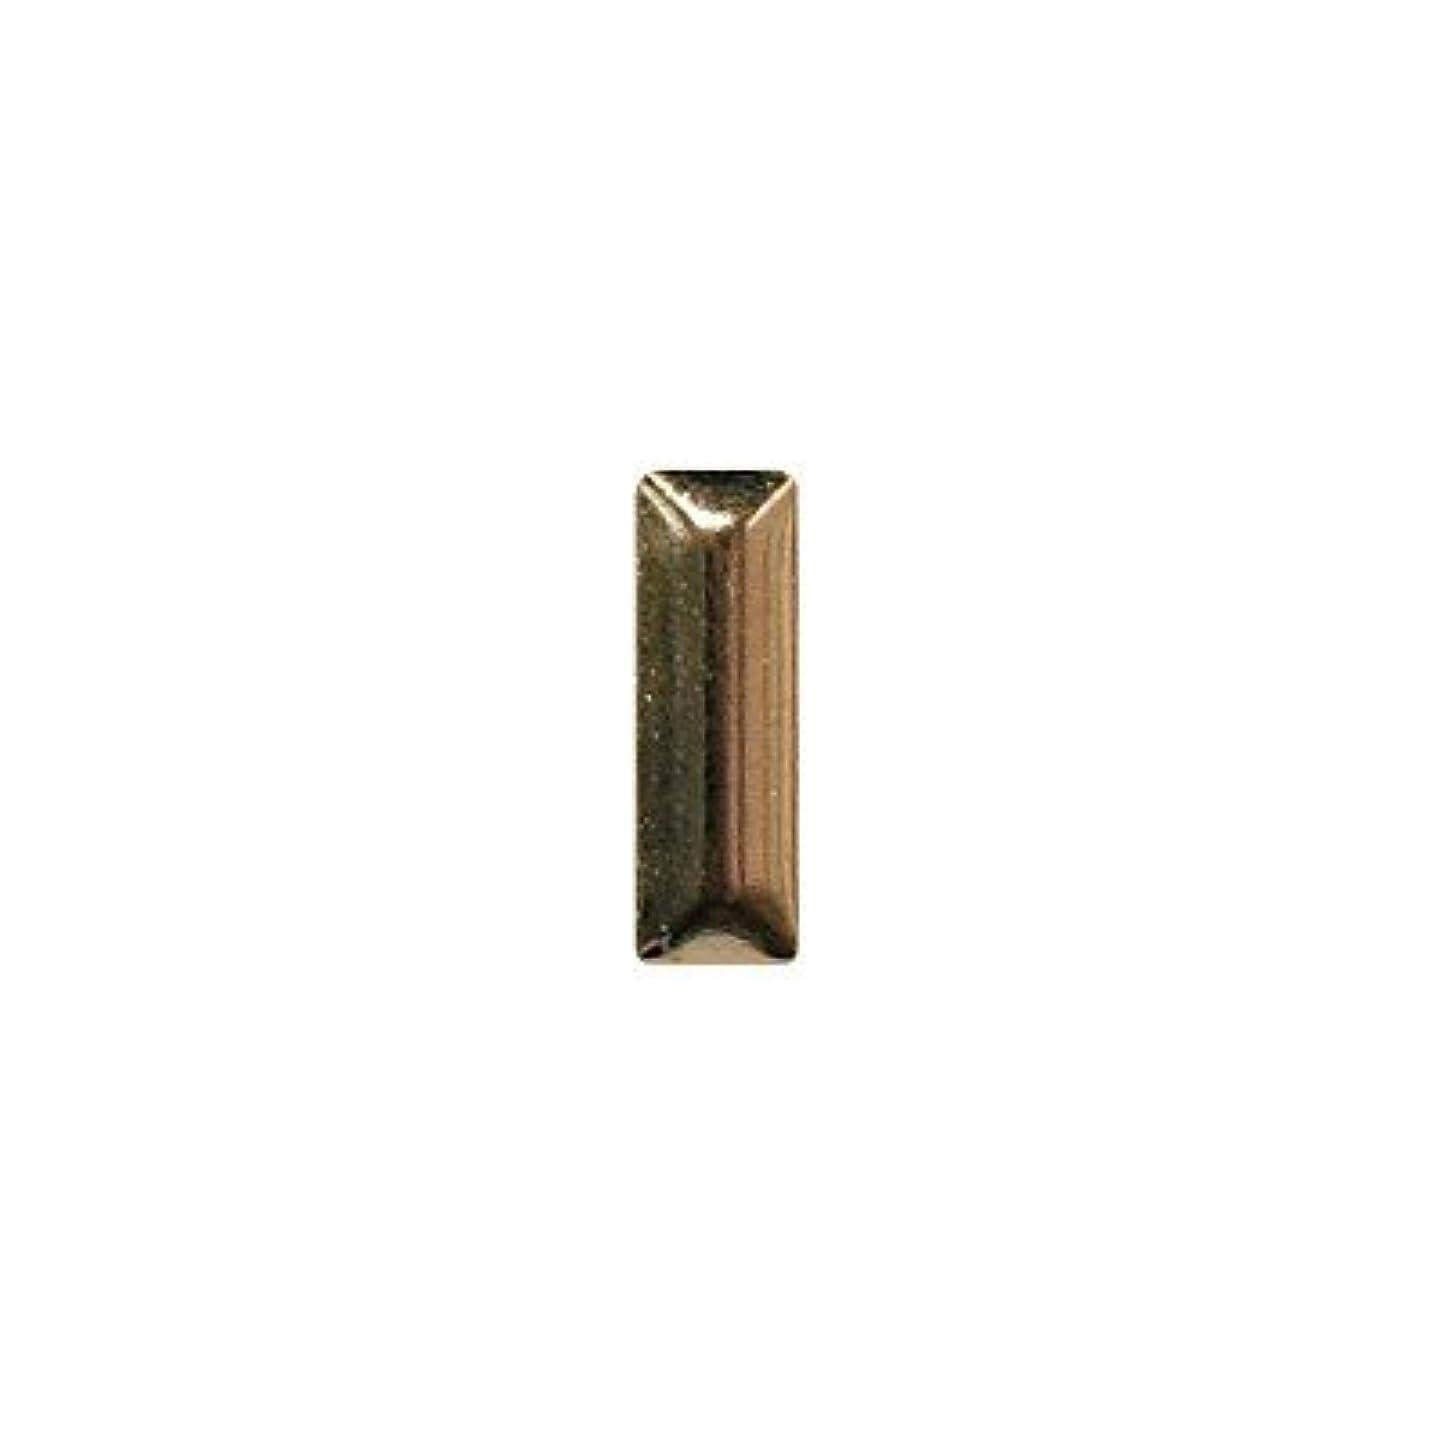 ピアドラ スタッズ メタル長方形 2×6mm 50P ゴールド